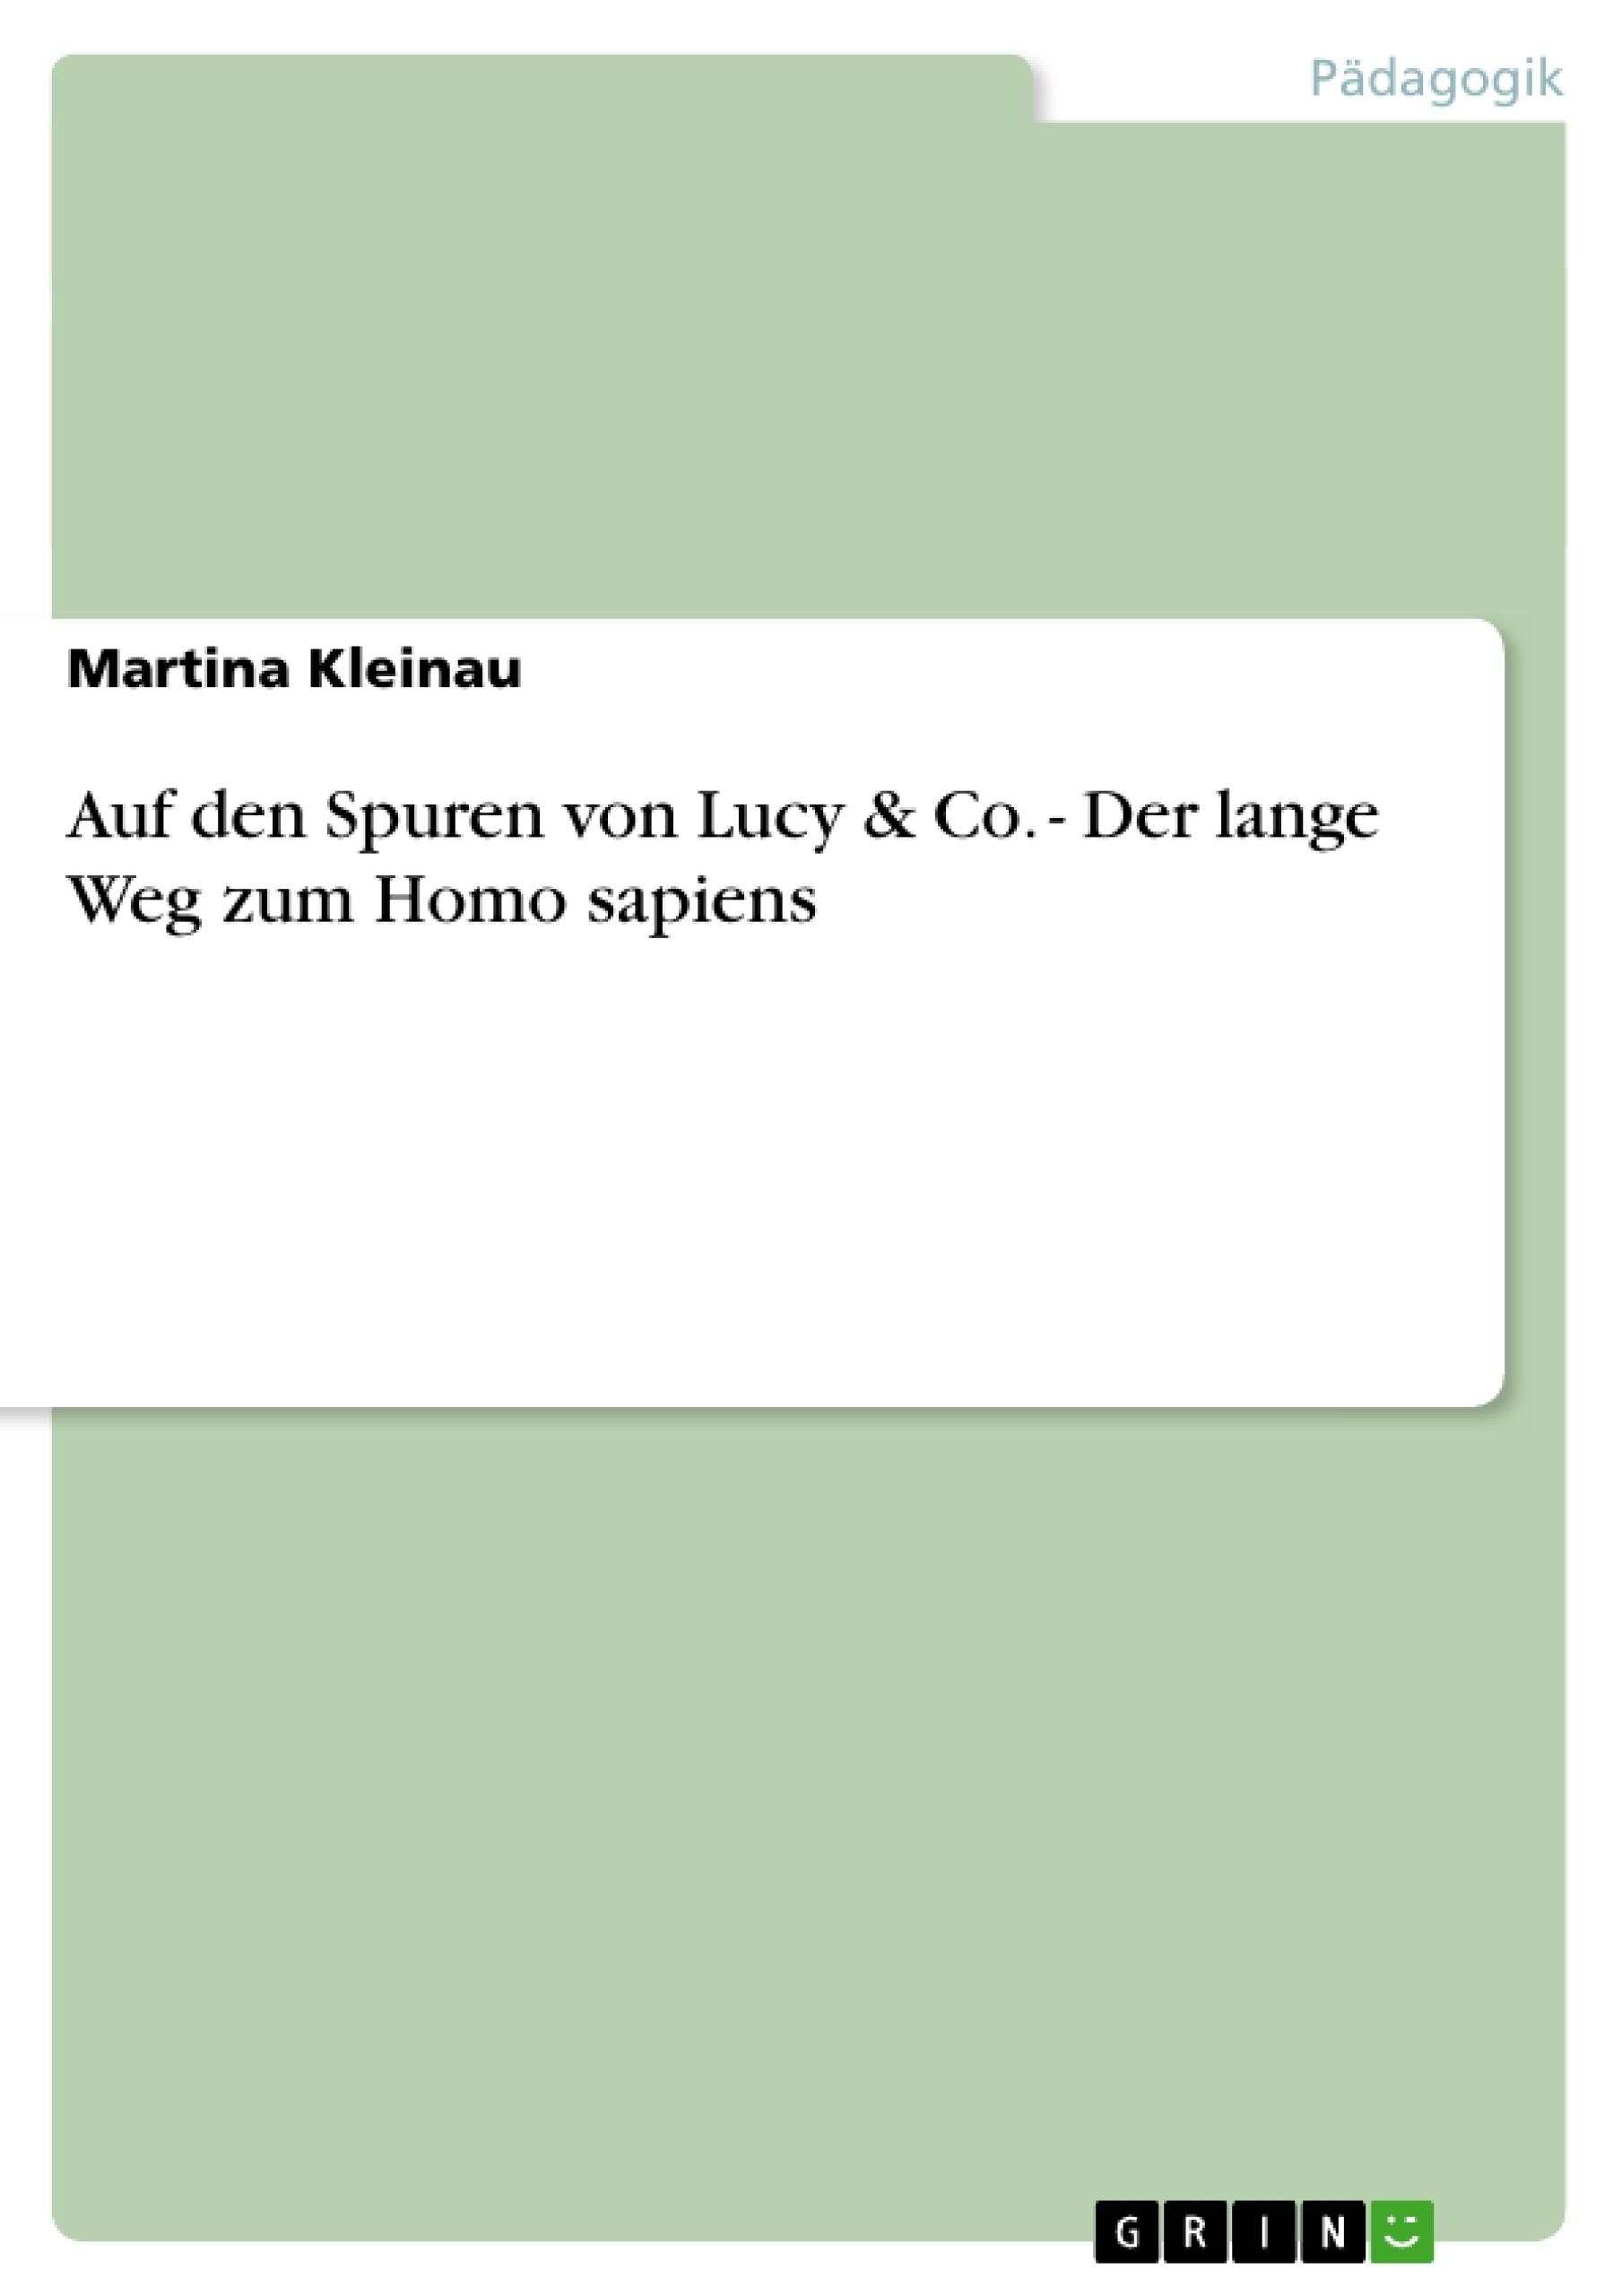 Titel: Auf den Spuren von Lucy & Co. - Der lange Weg zum Homo sapiens